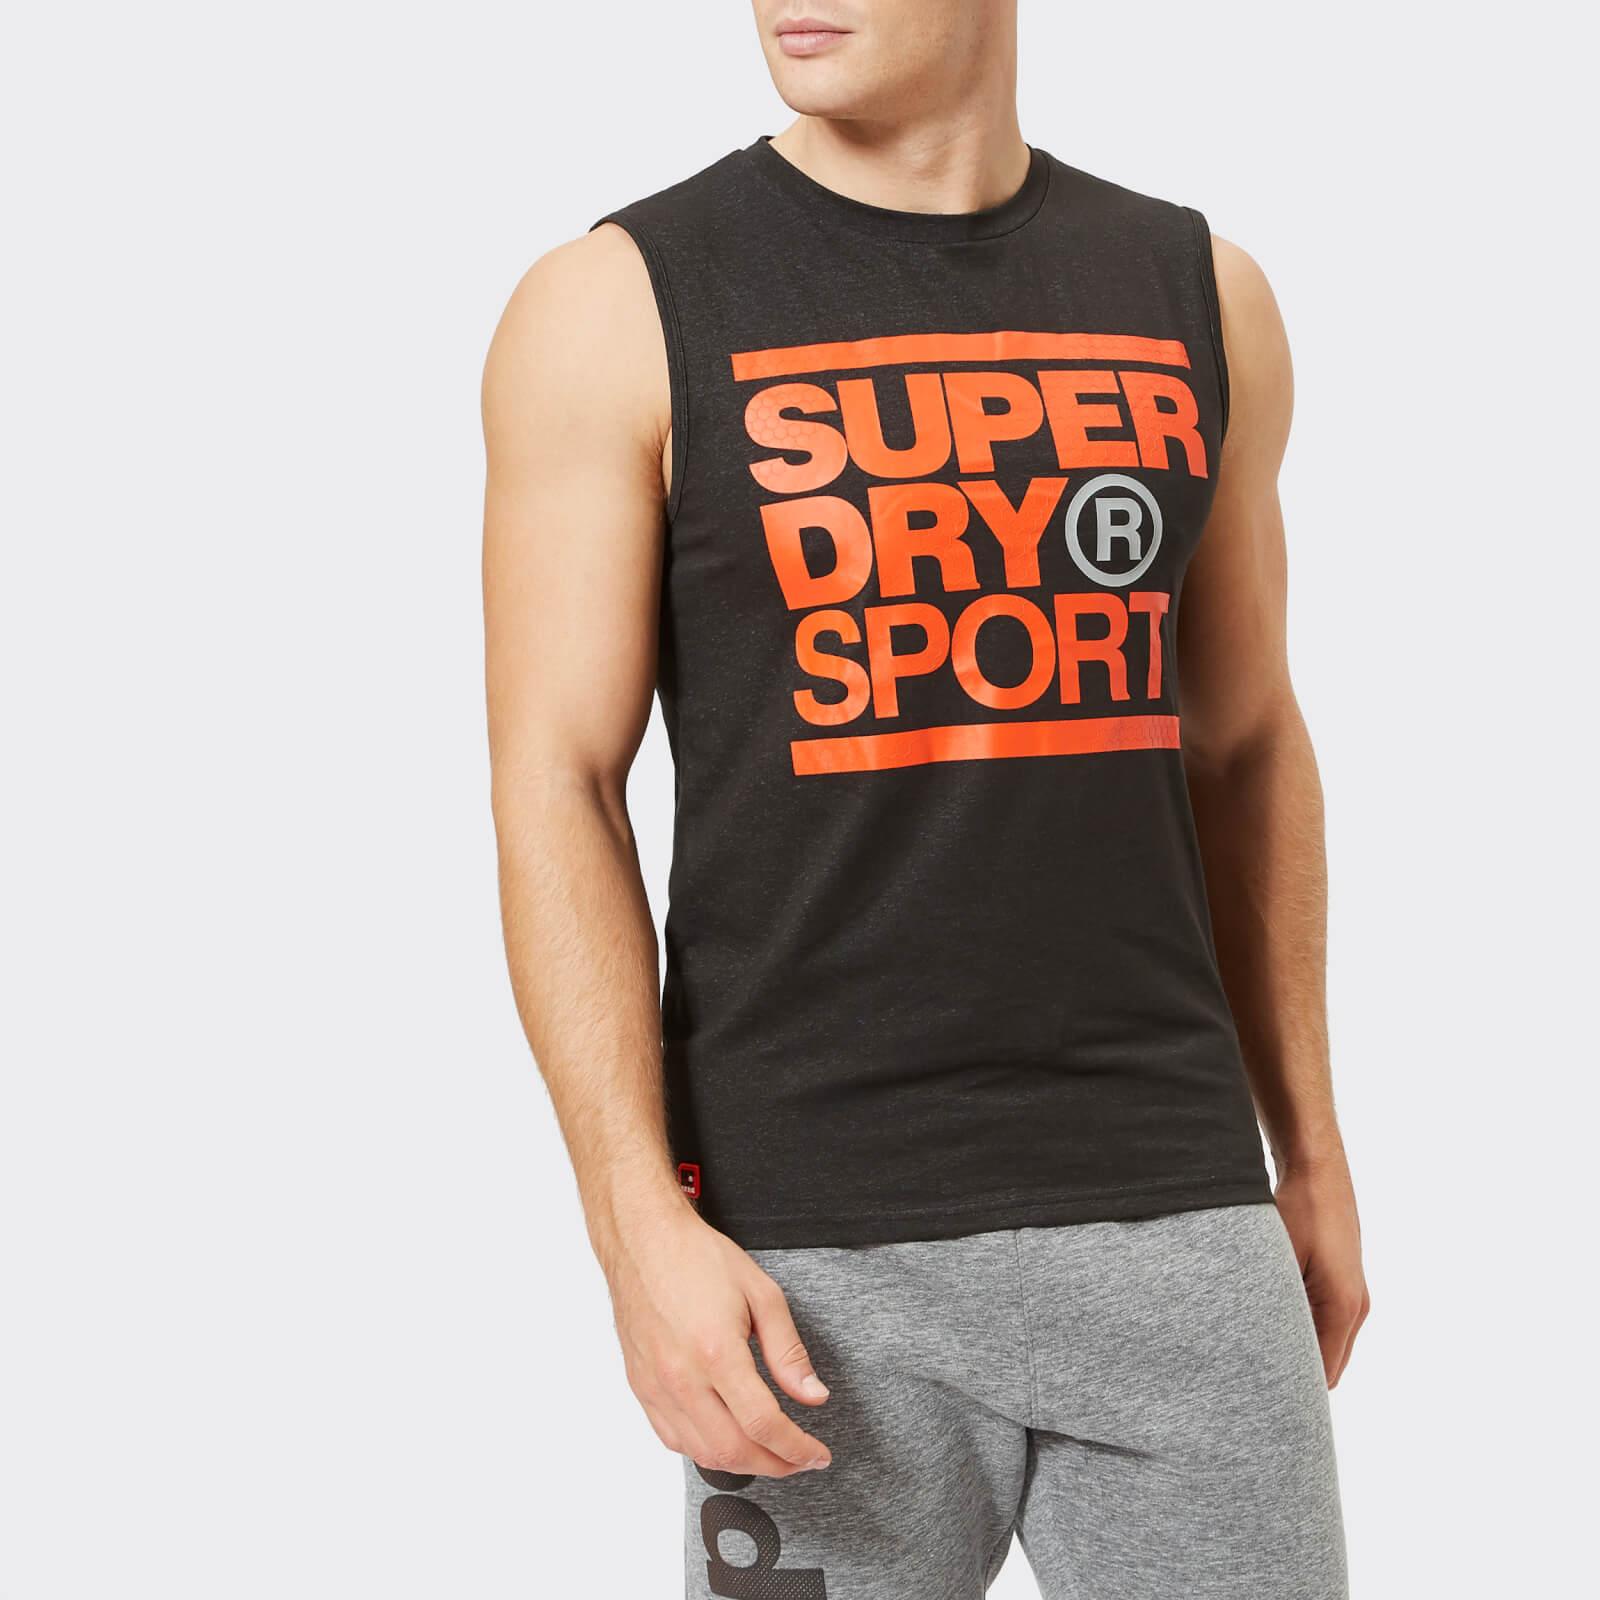 Superdry Sport Men's Core Graphic Tank Top - Black - L - Black